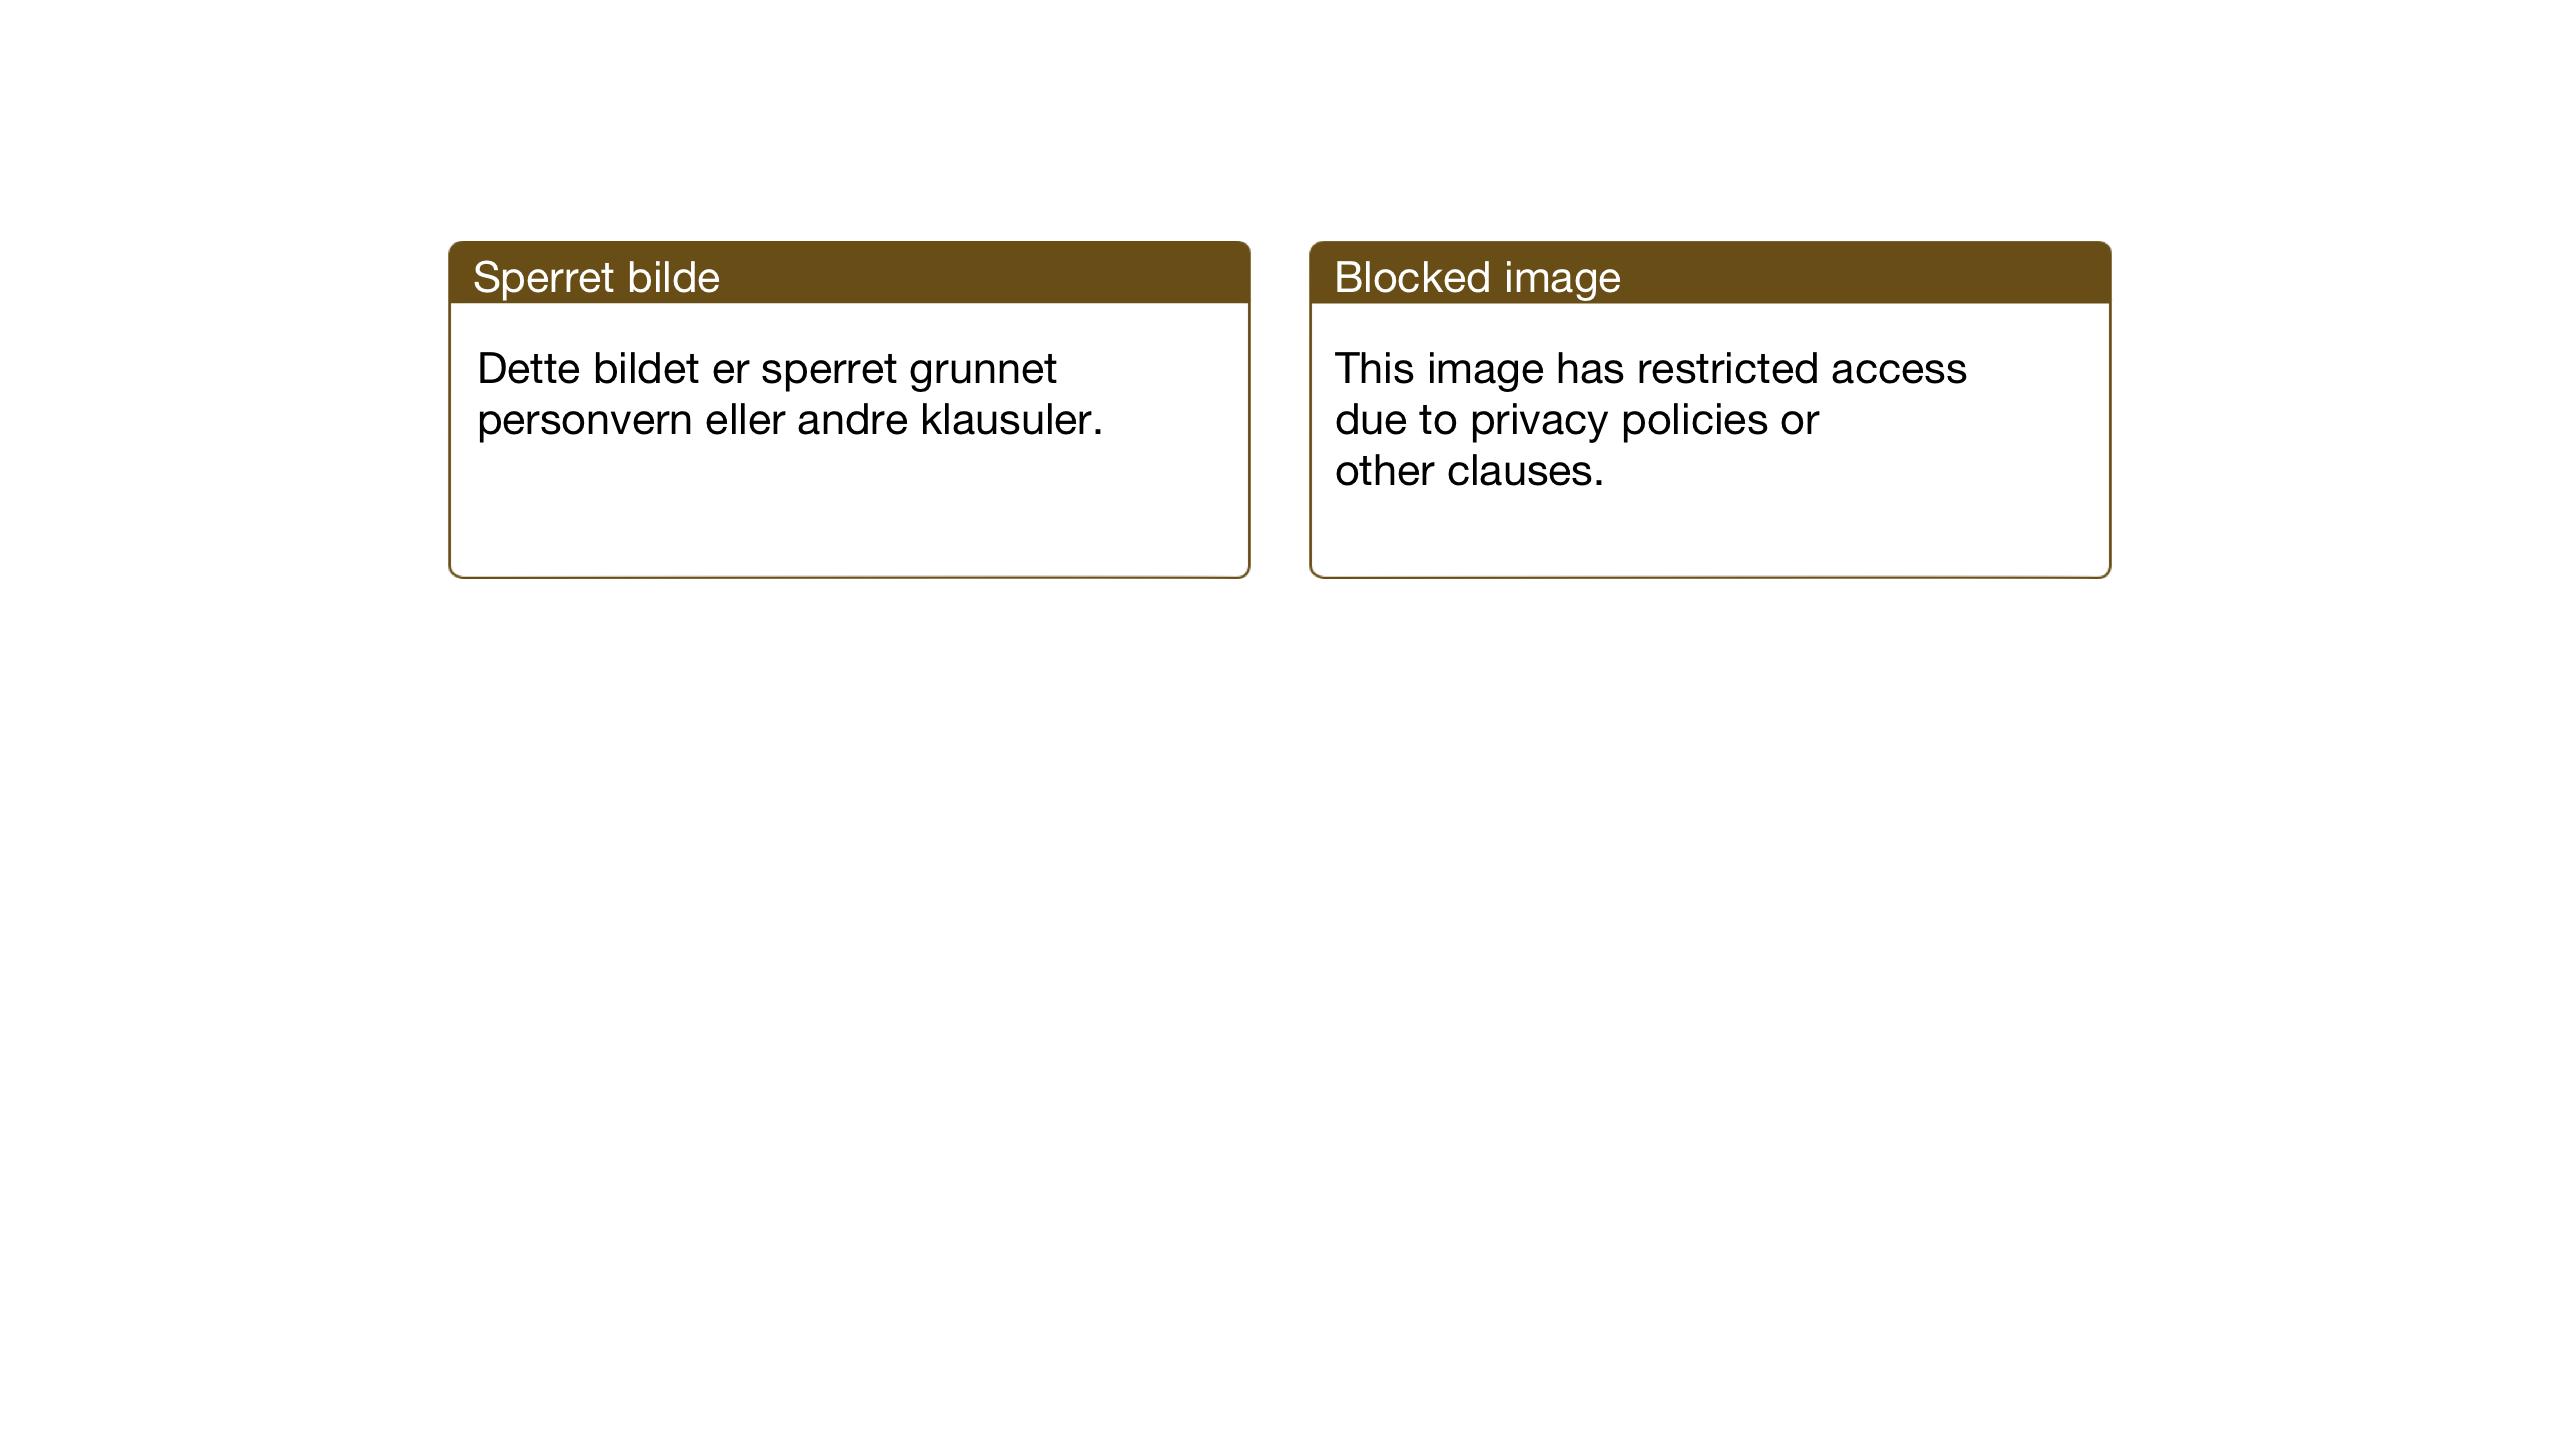 SAT, Ministerialprotokoller, klokkerbøker og fødselsregistre - Sør-Trøndelag, 698/L1169: Klokkerbok nr. 698C06, 1930-1949, s. 38